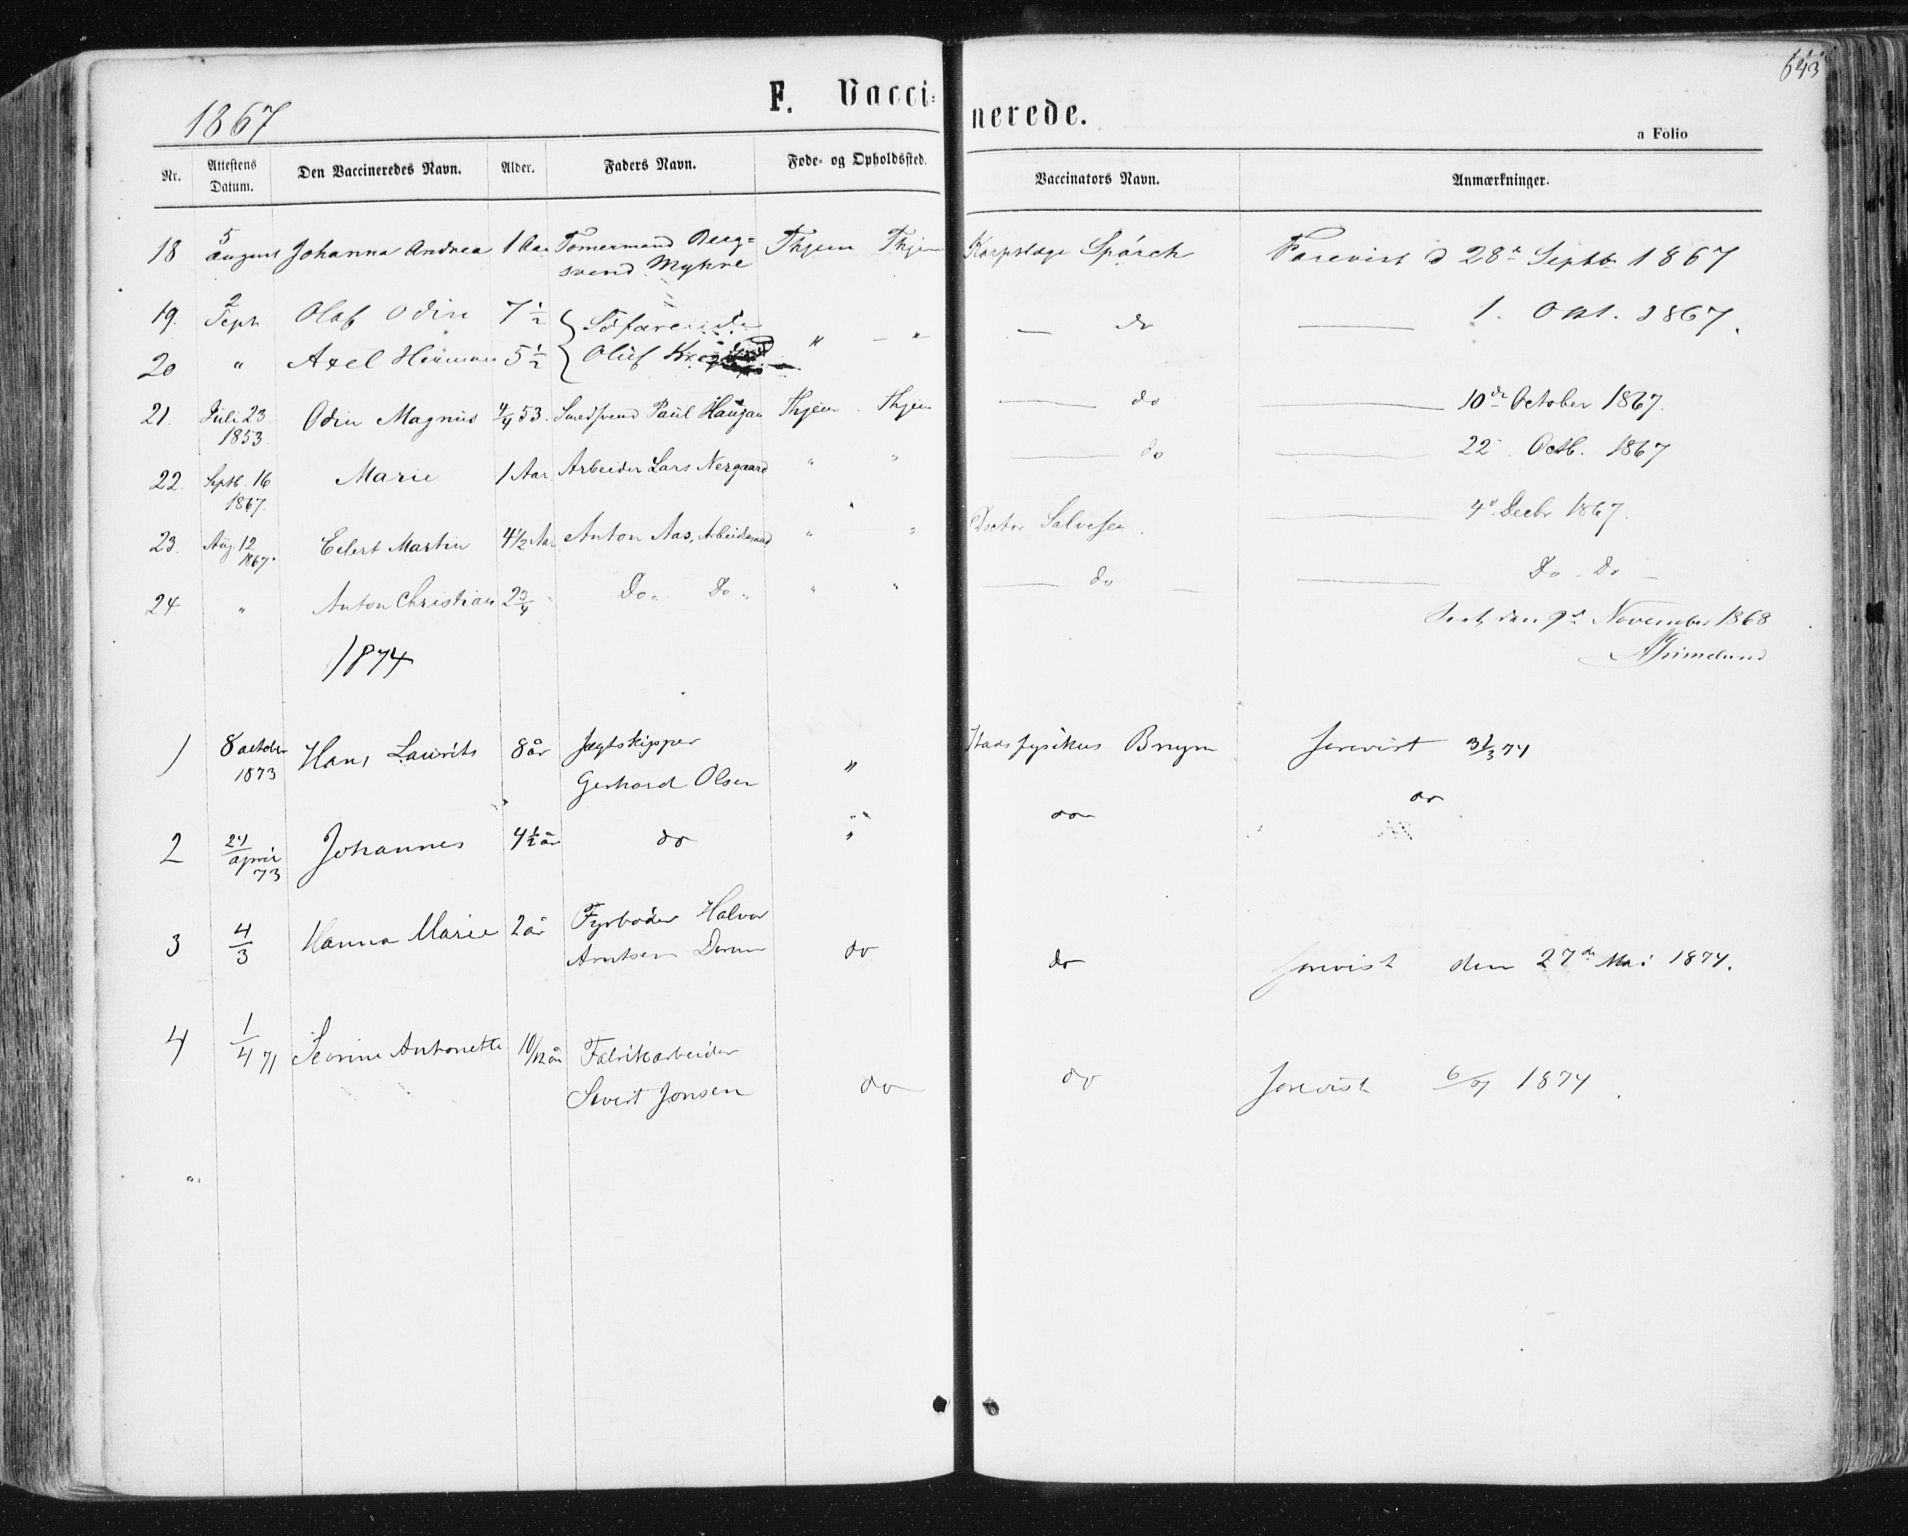 SAT, Ministerialprotokoller, klokkerbøker og fødselsregistre - Sør-Trøndelag, 604/L0186: Ministerialbok nr. 604A07, 1866-1877, s. 643